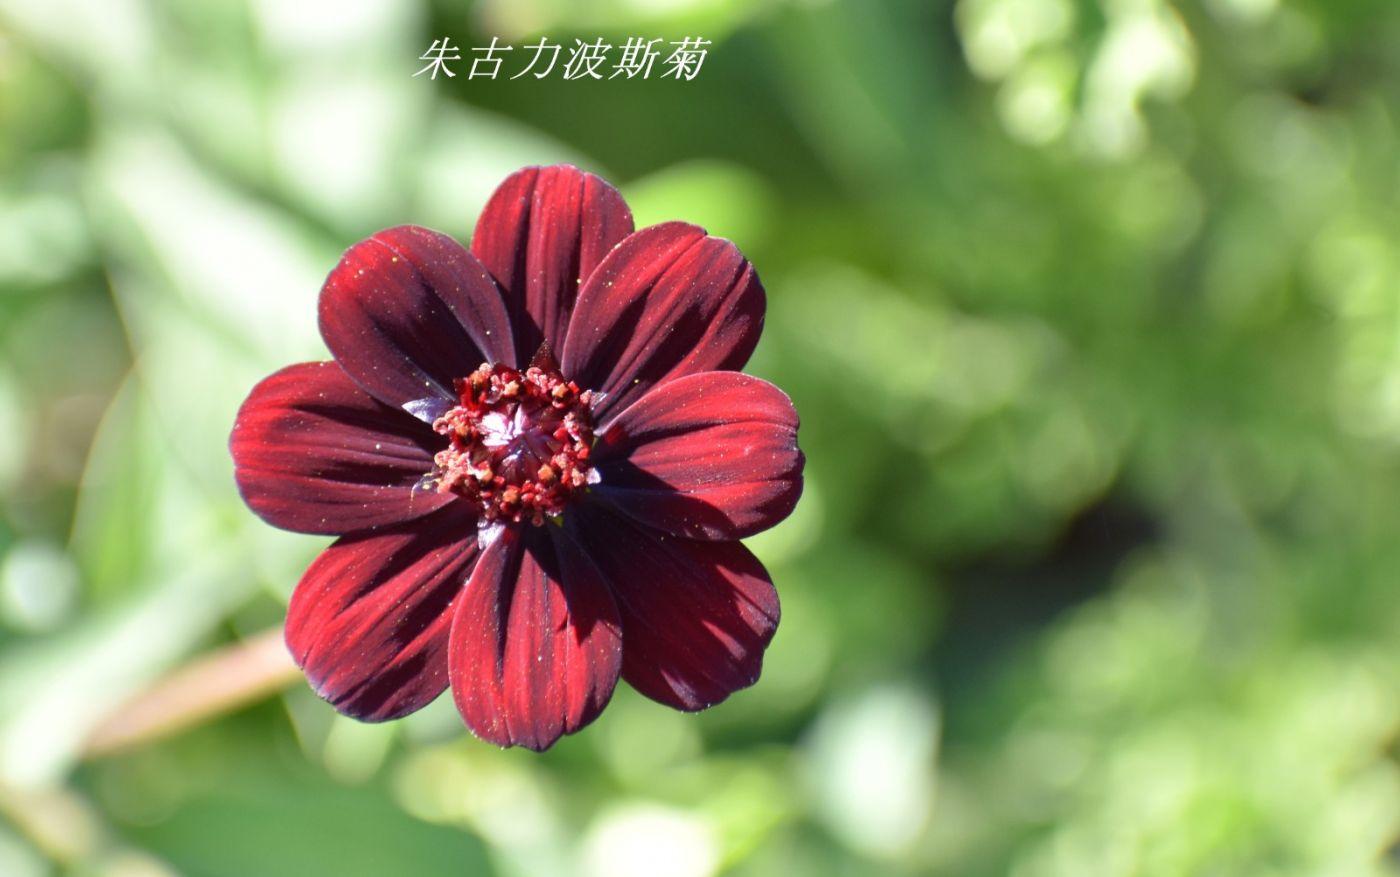 花草图谱 (31)_图1-18